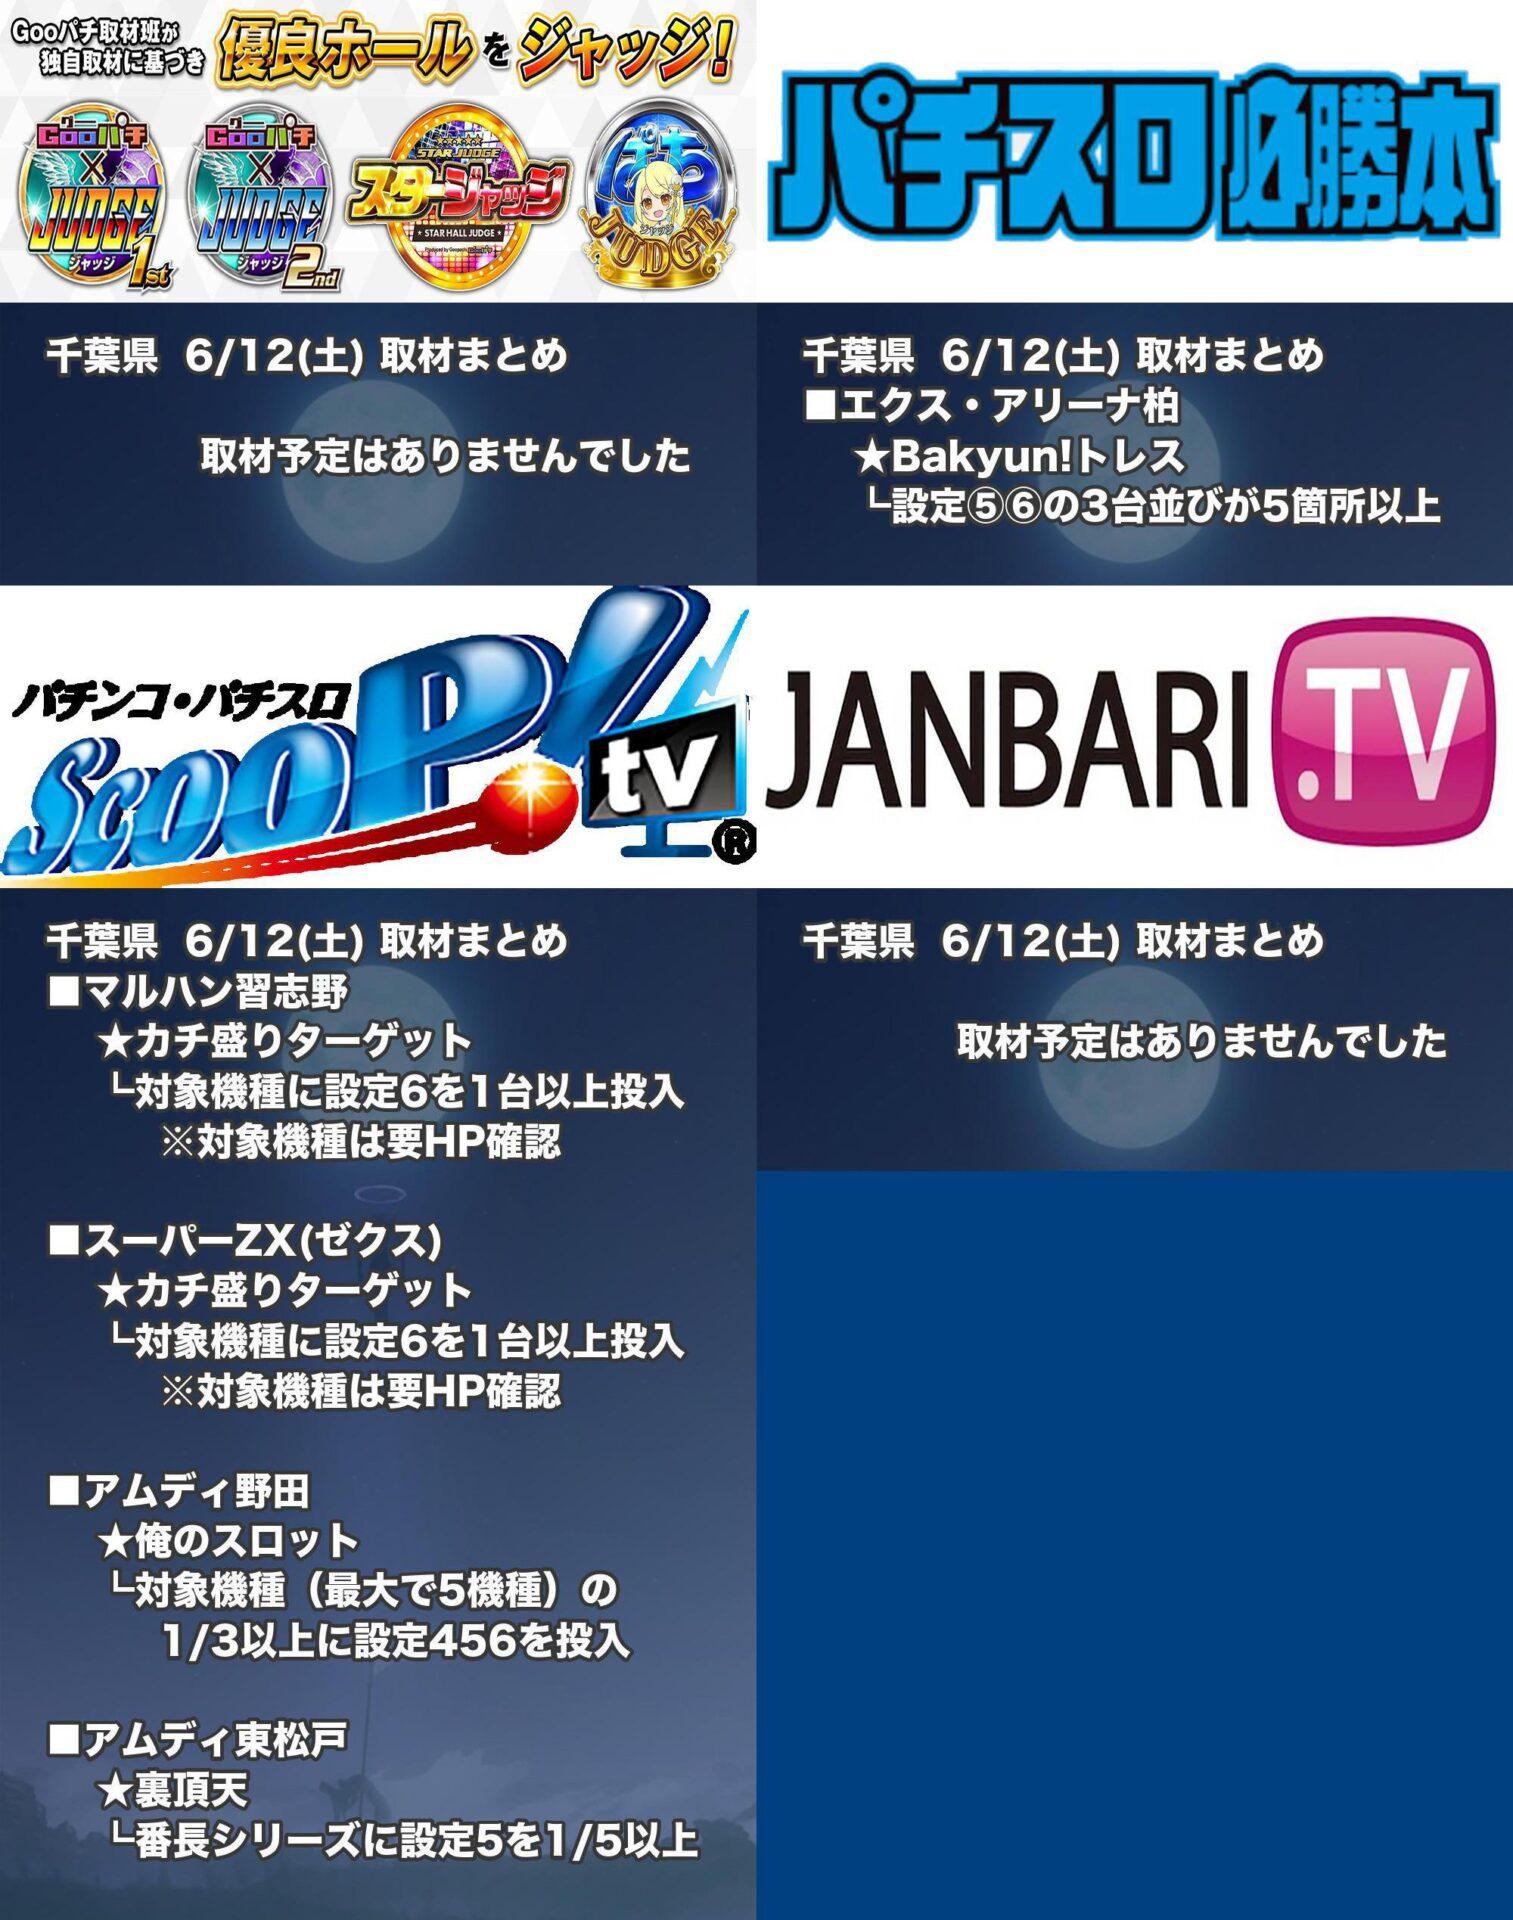 千葉県_2021-06-12_パチンコ・パチスロ_イベント